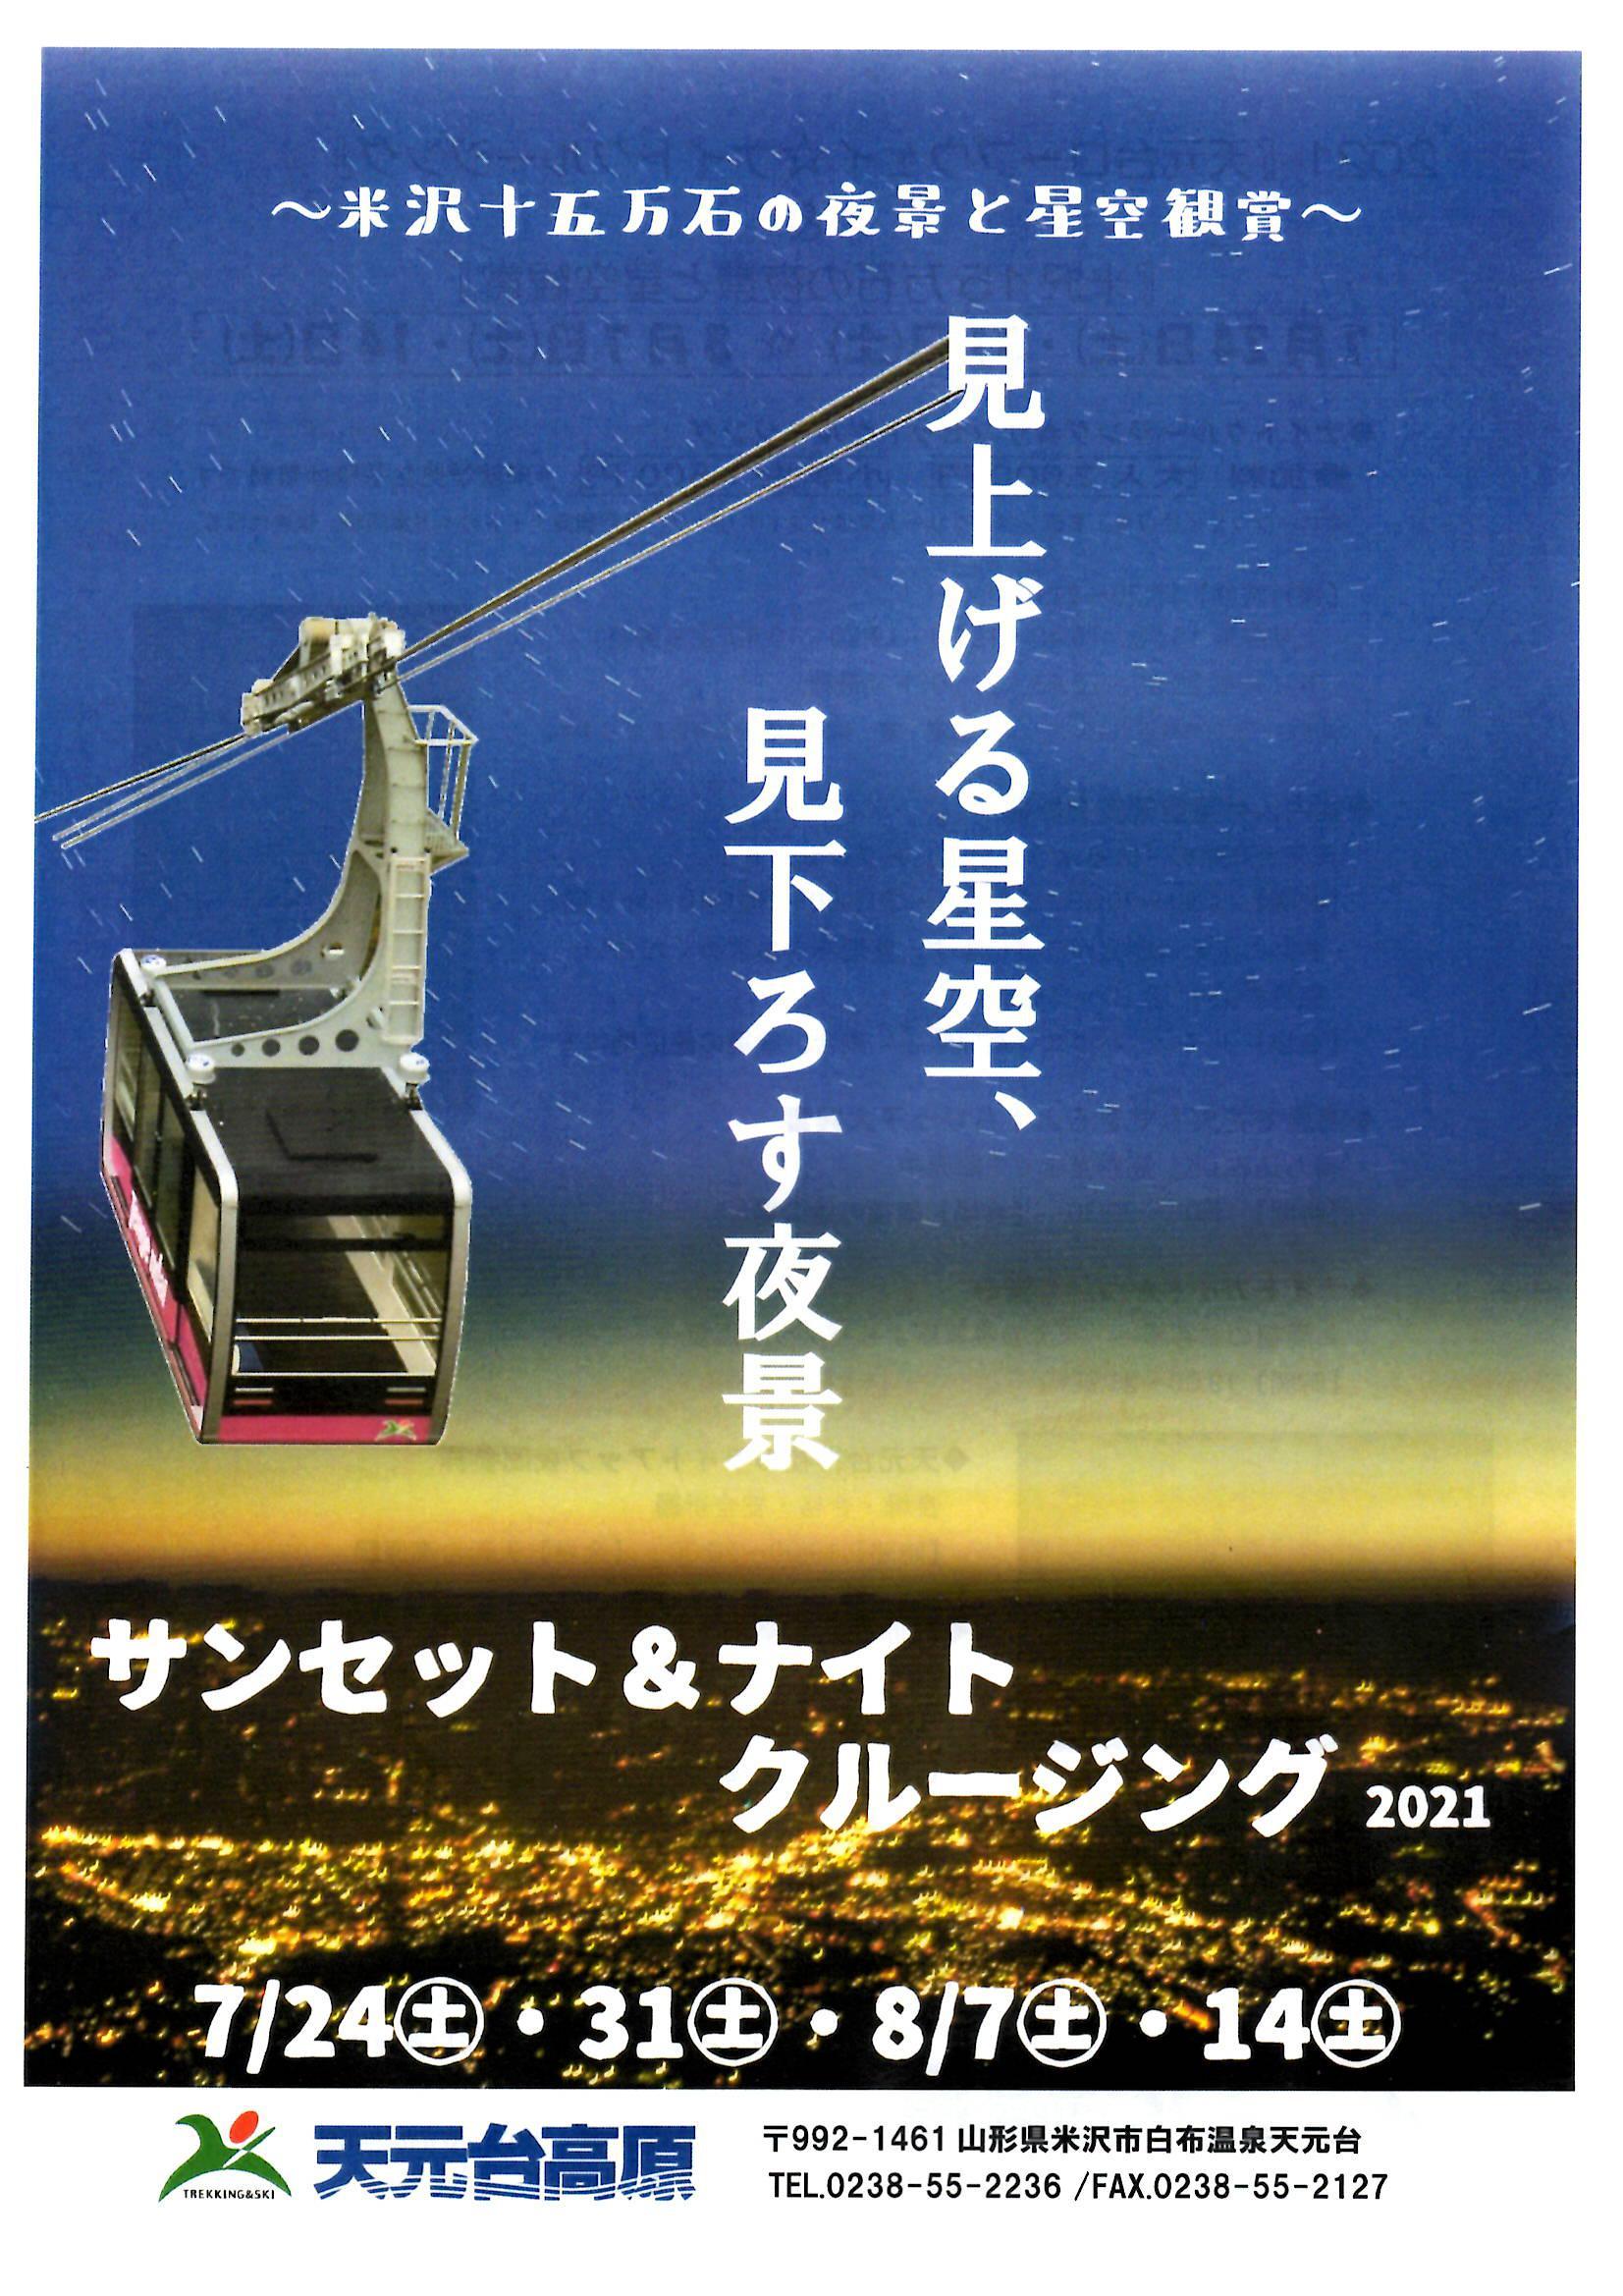 天元台高原 サマーフェスティバル2021